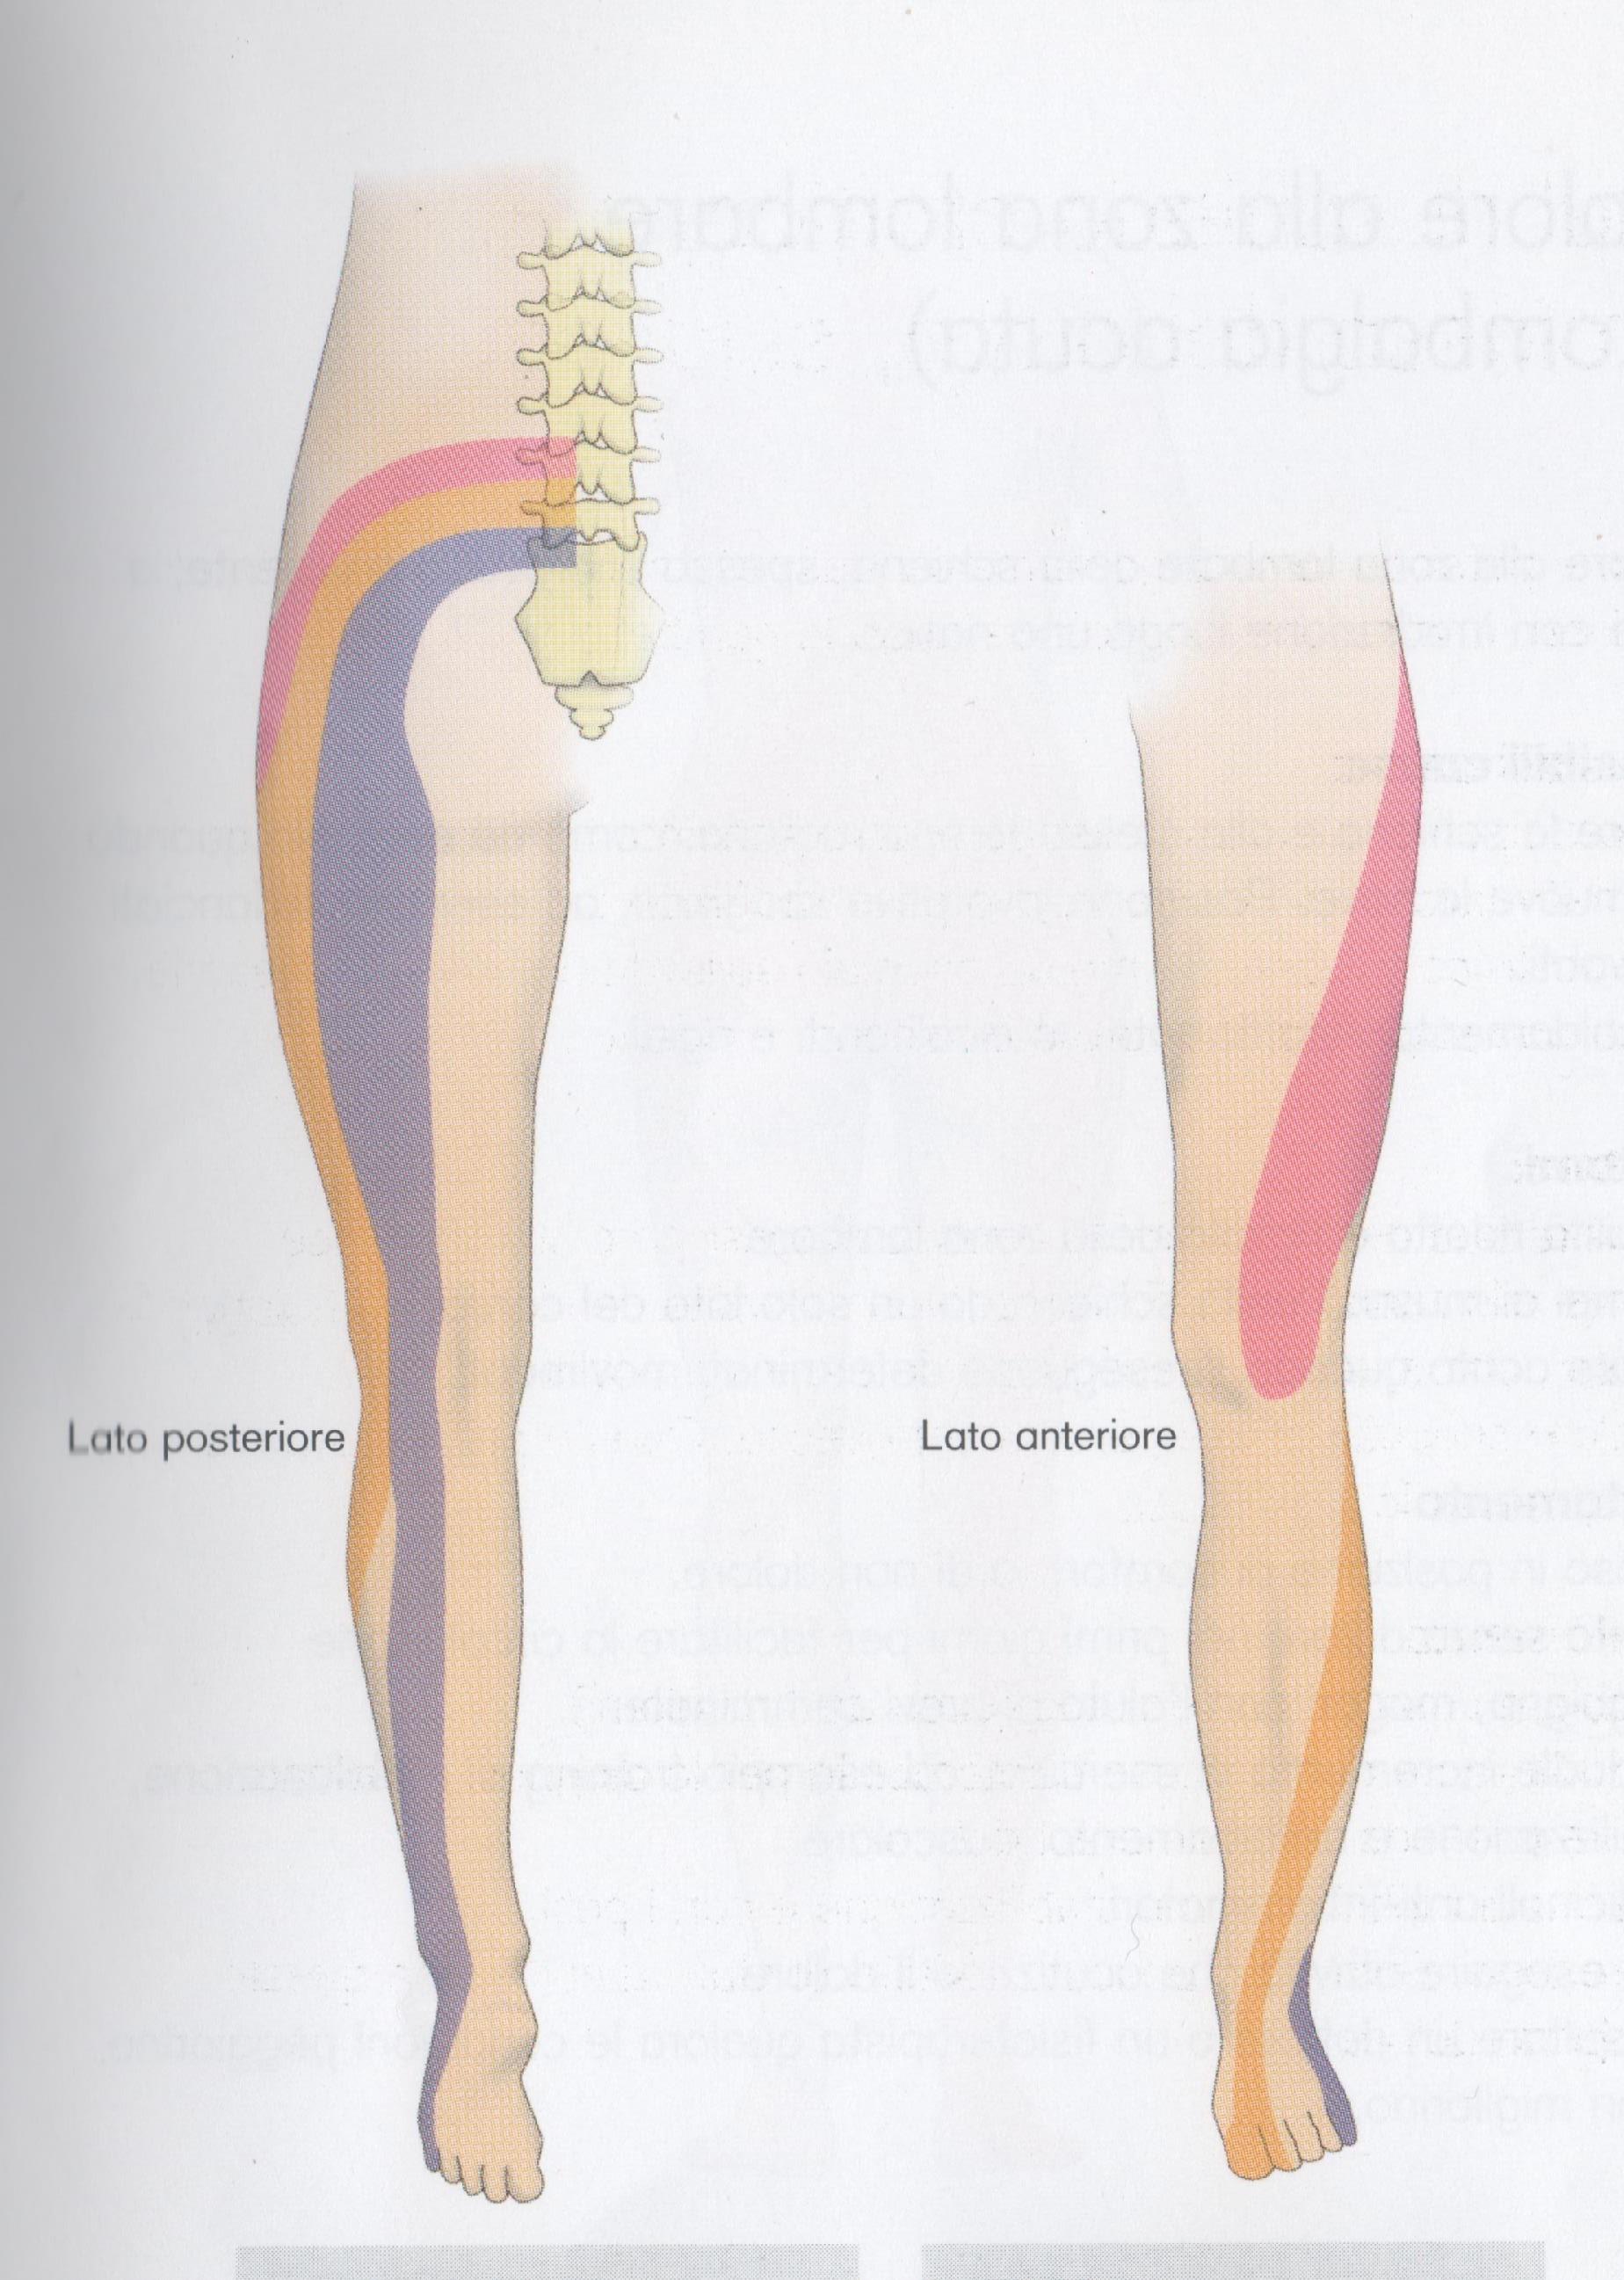 Mal di schiena, sciatica - Medical Farma ortopedia Bergamo